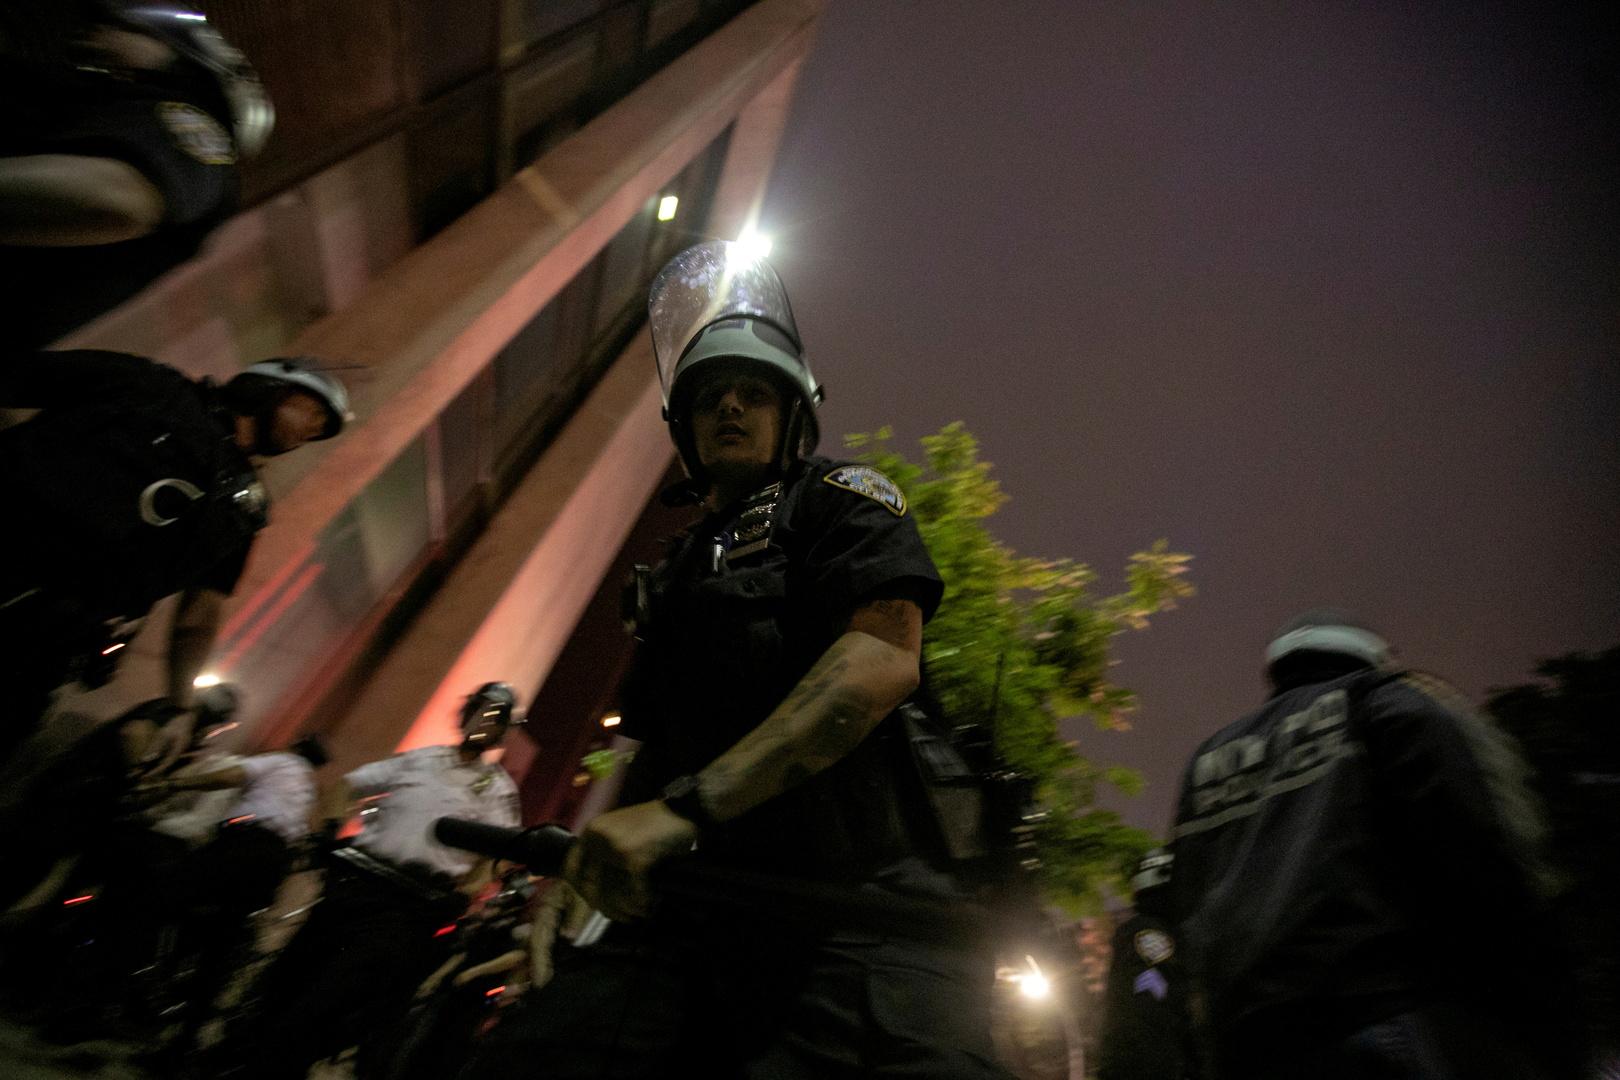 حادثة قتل برصاص شرطة منيابوليس هي الأولى بعد مقتل جورج فلويد